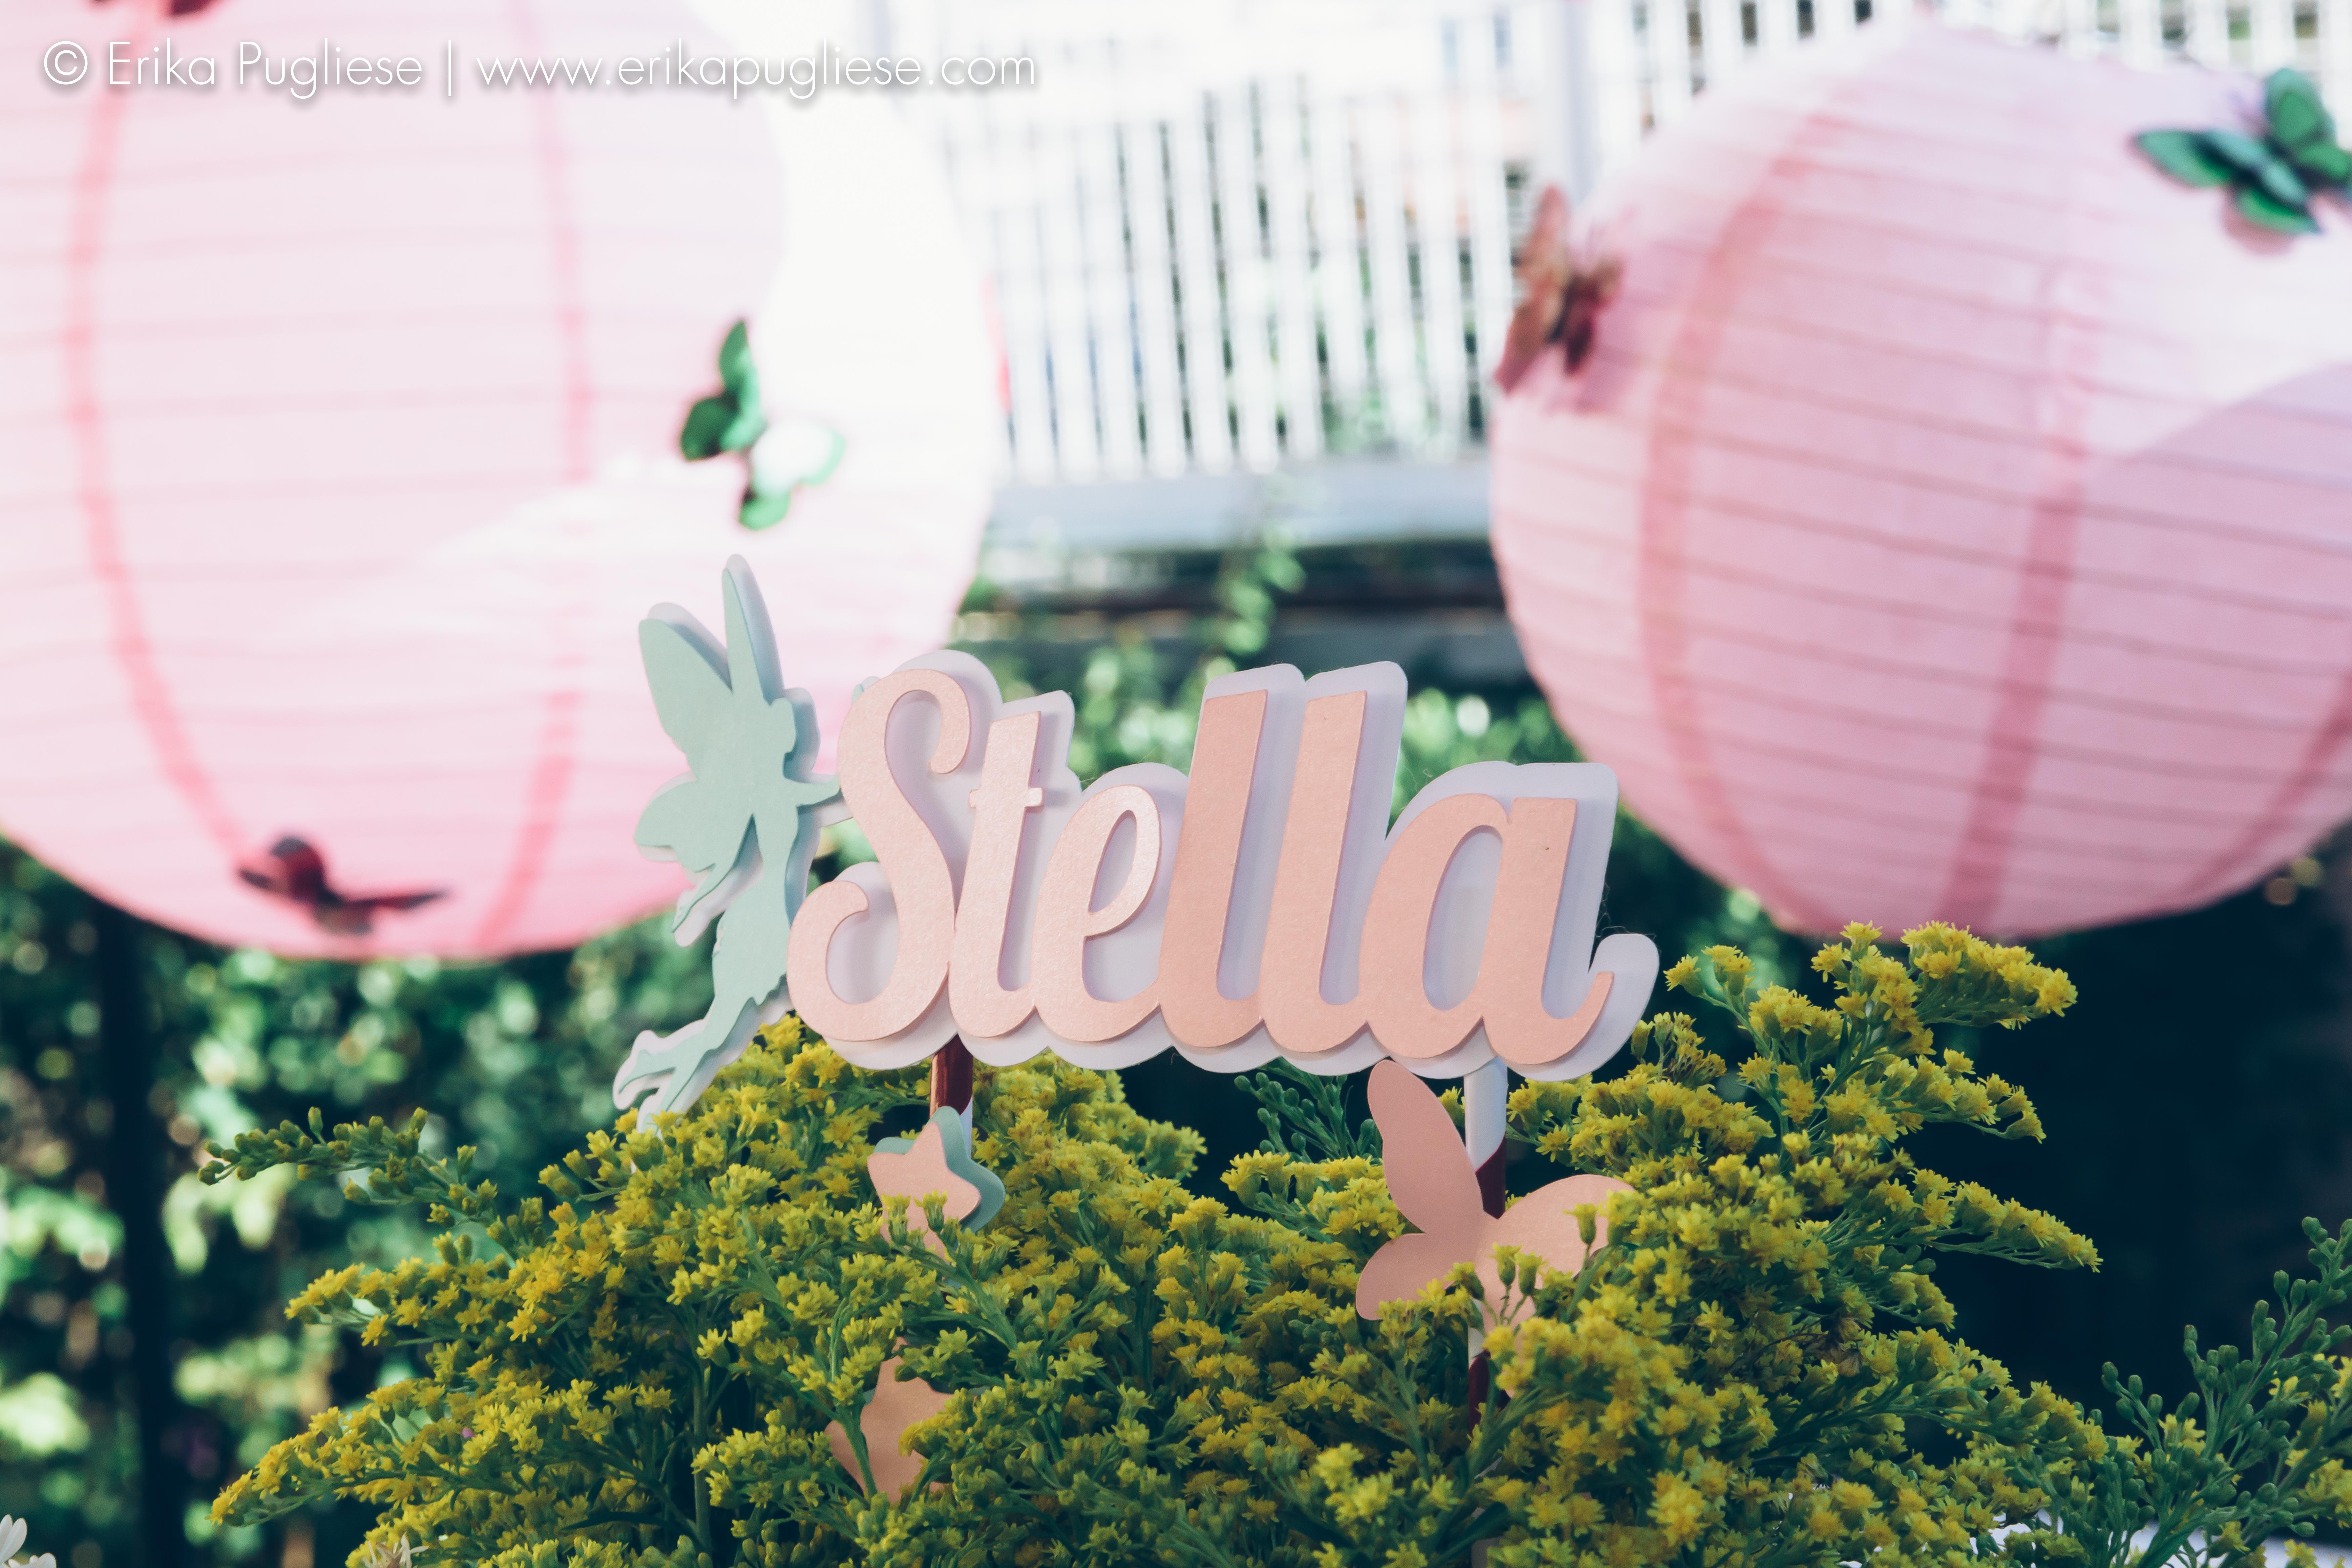 Aniversario_Stella_Fotografia_Erika_Pugliese_L2809